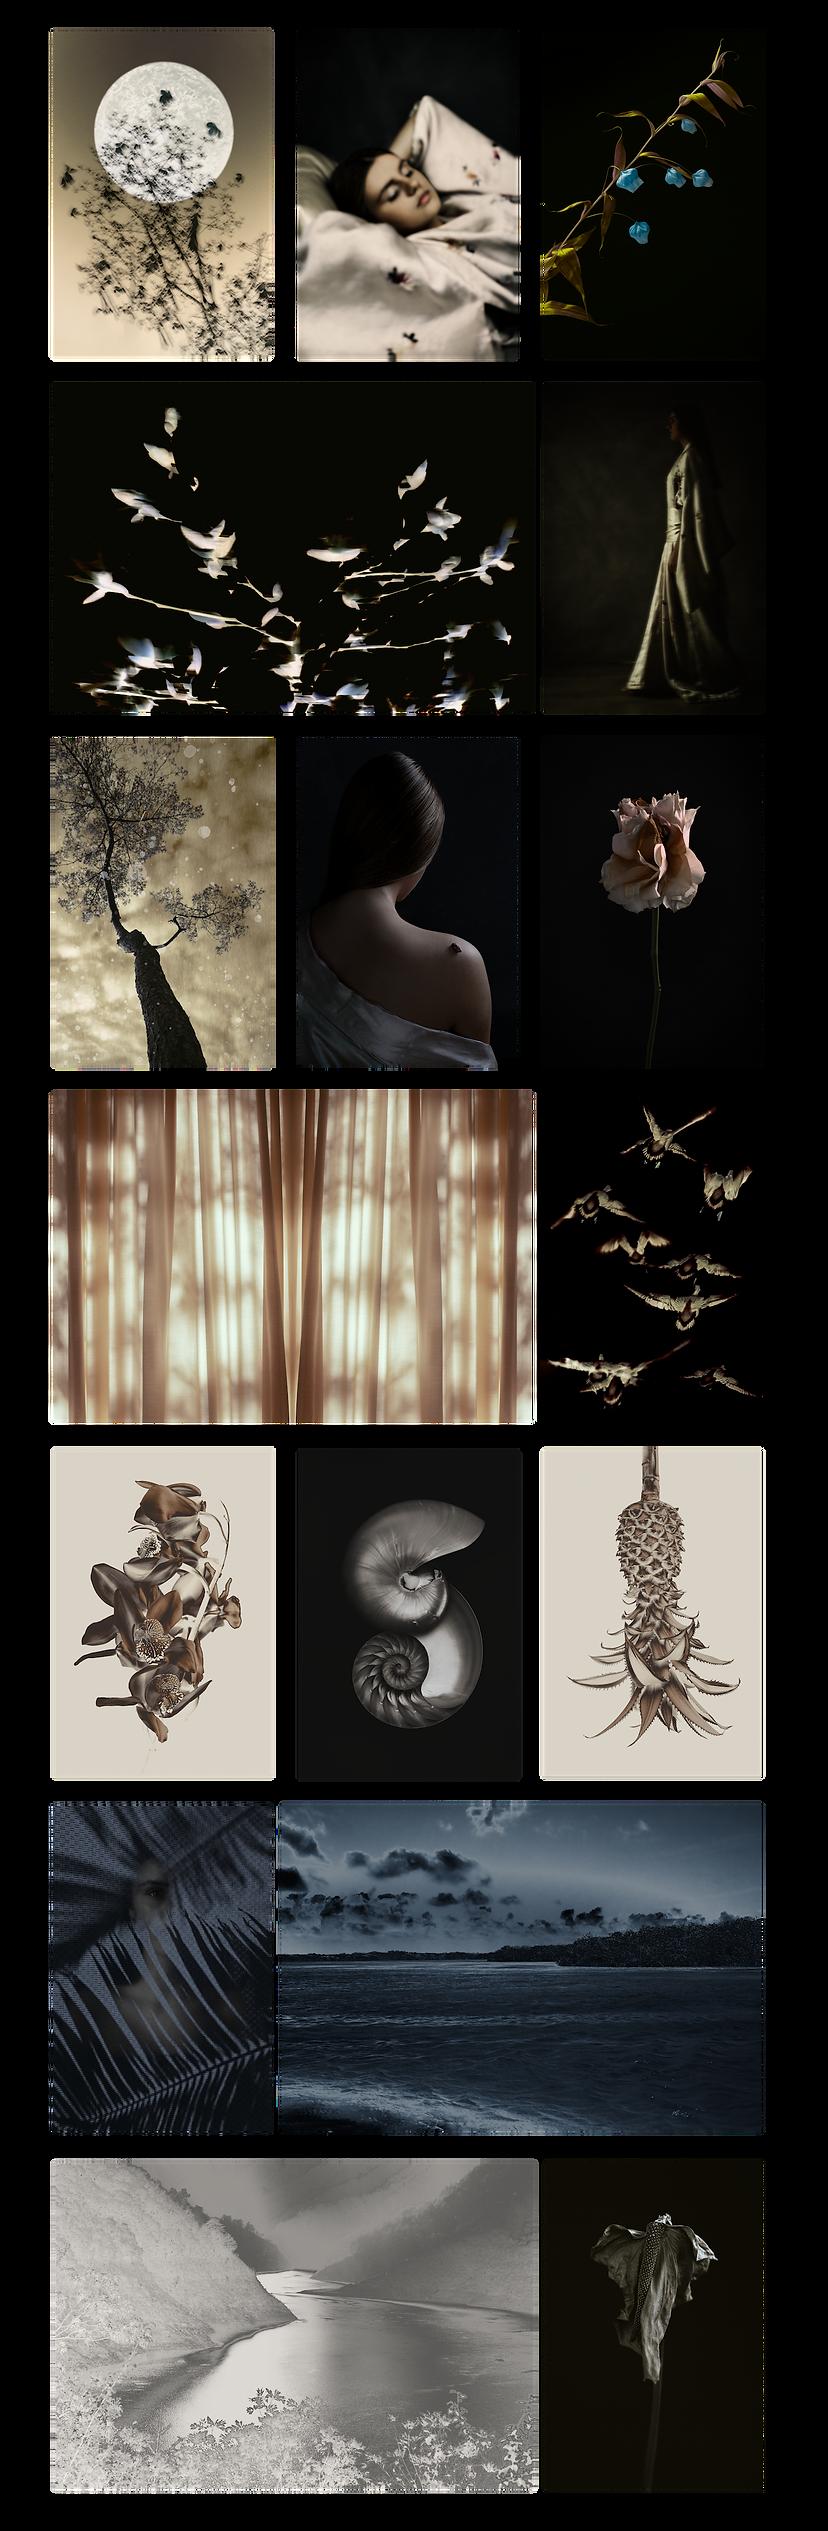 Gallery Ilona Langbroek.png